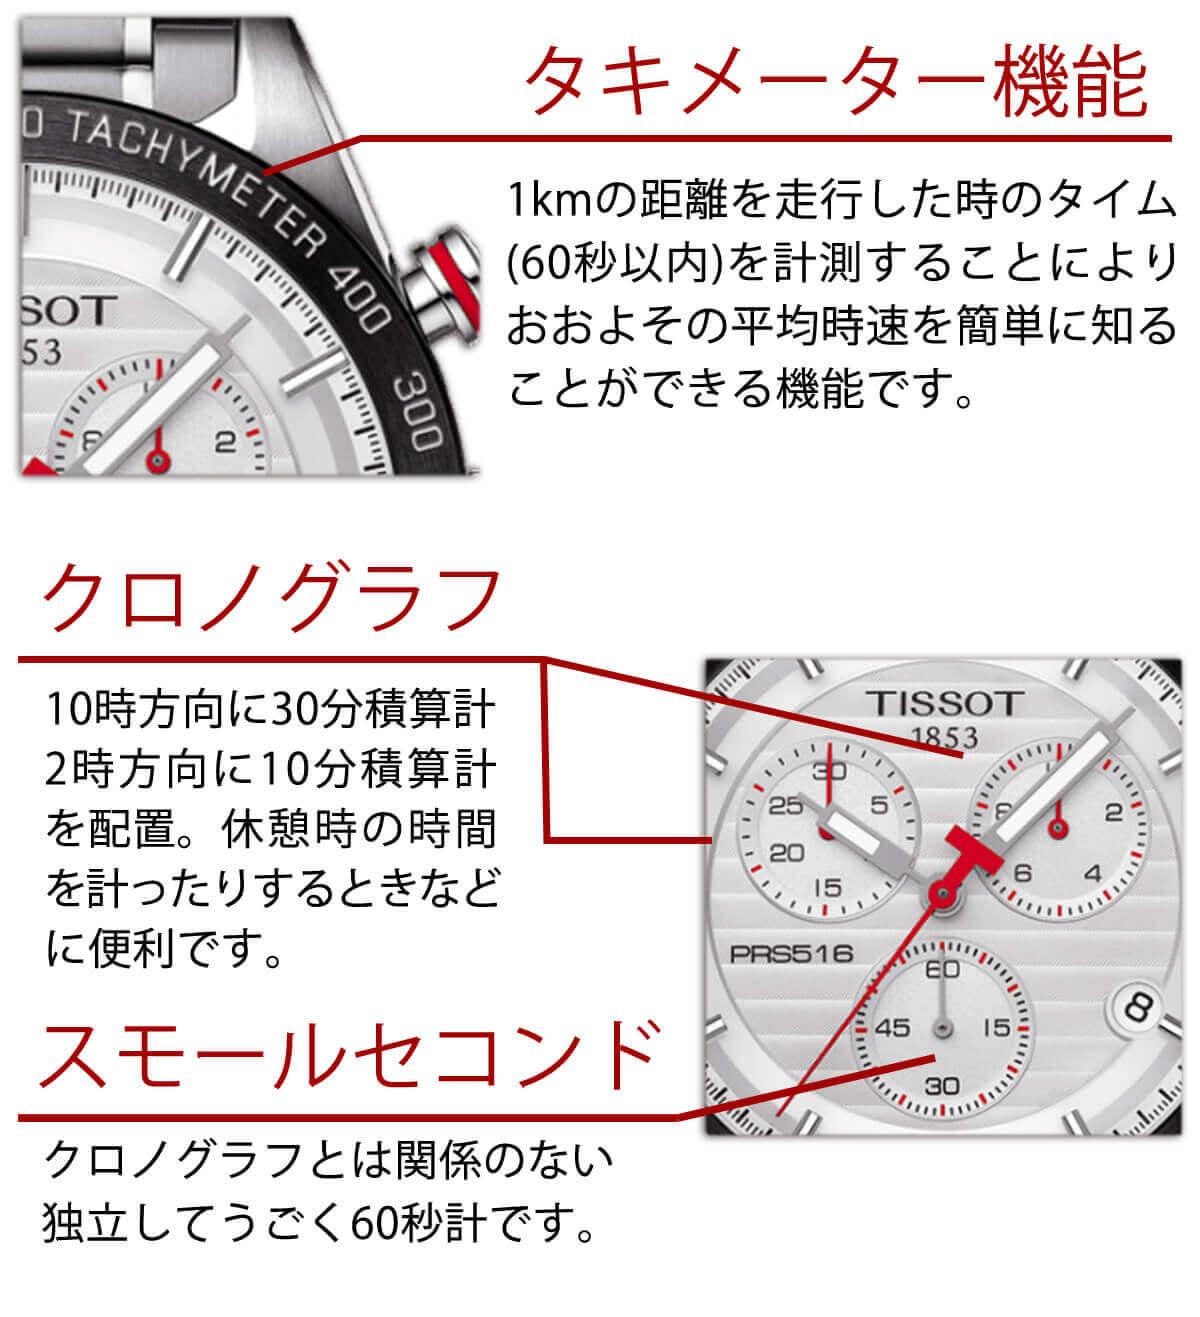 ティソ 男性用腕時計 クロノグラフ タキメーター t1004171103100 機能 詳細